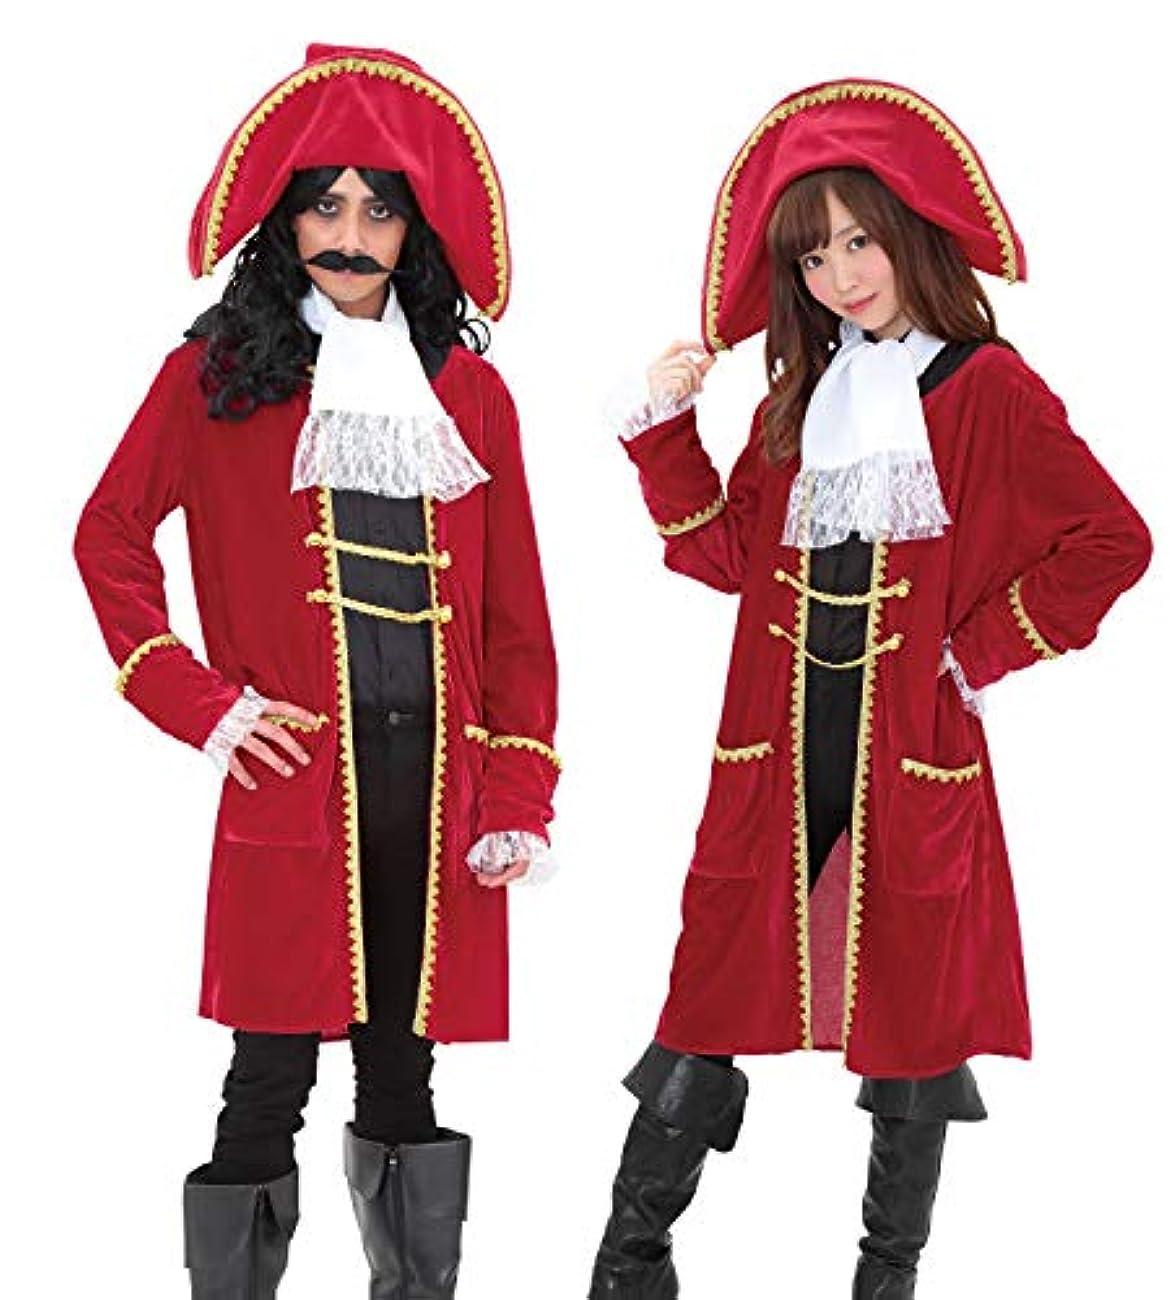 ふける観客柱ワイルドパイレーツ 海賊 コスプレ ユニセックス 赤